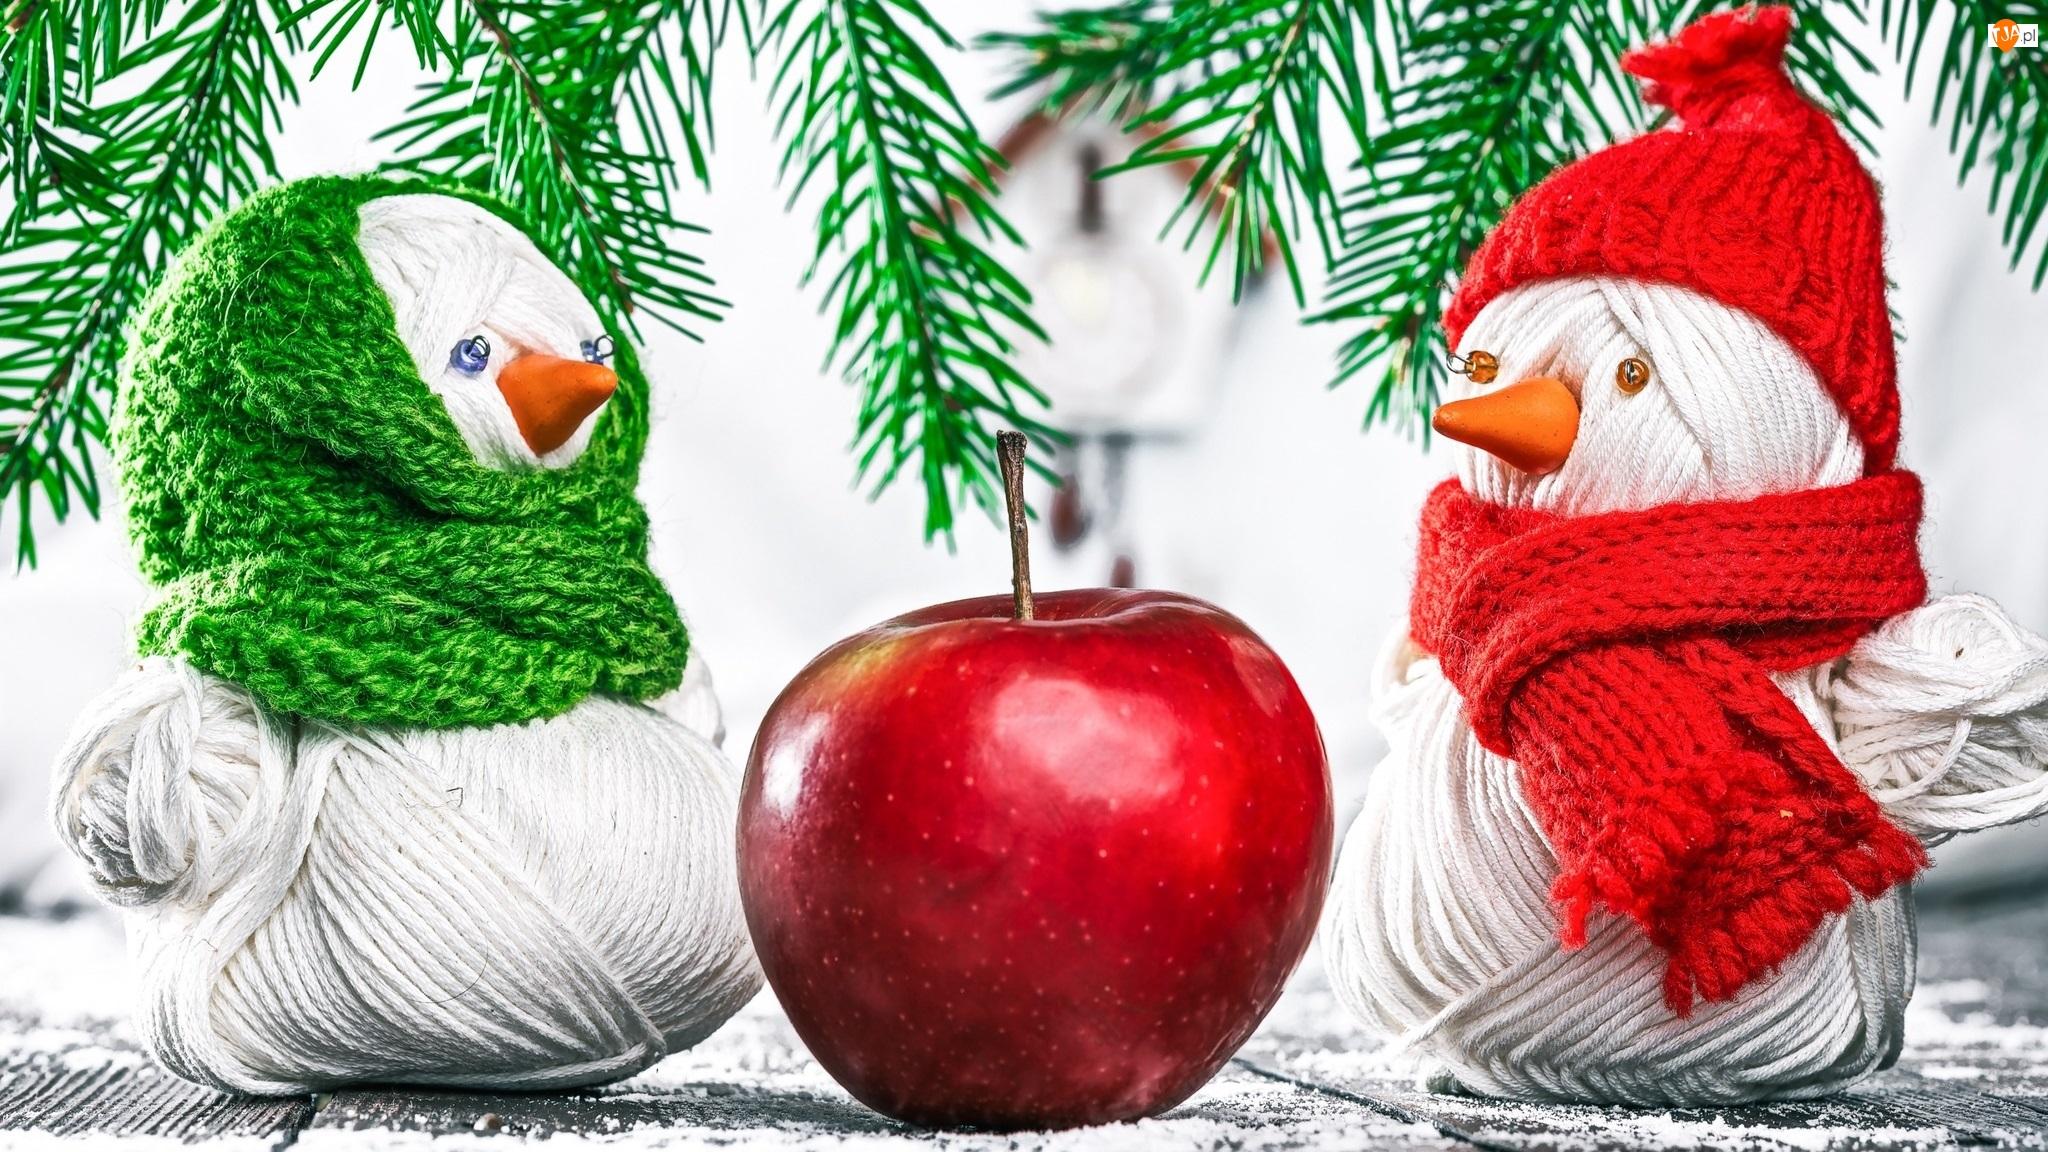 Jabłko, Świąteczna, Włóczka, Gałązki, Świerkowe, Bałwanki, Czapka, Dekoracja, Szalik